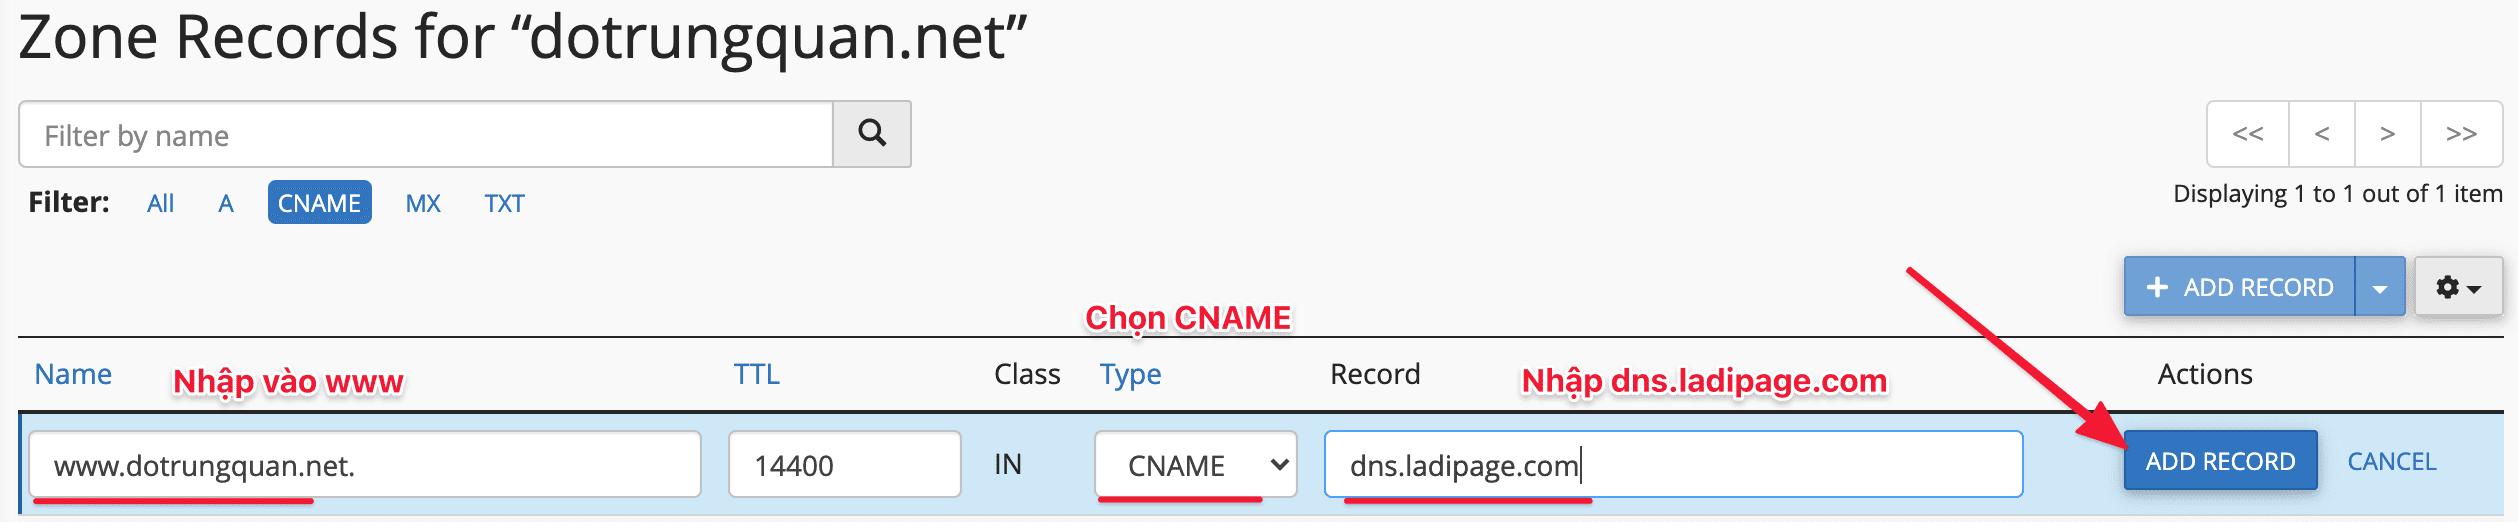 CleanShot 2020 10 24 at